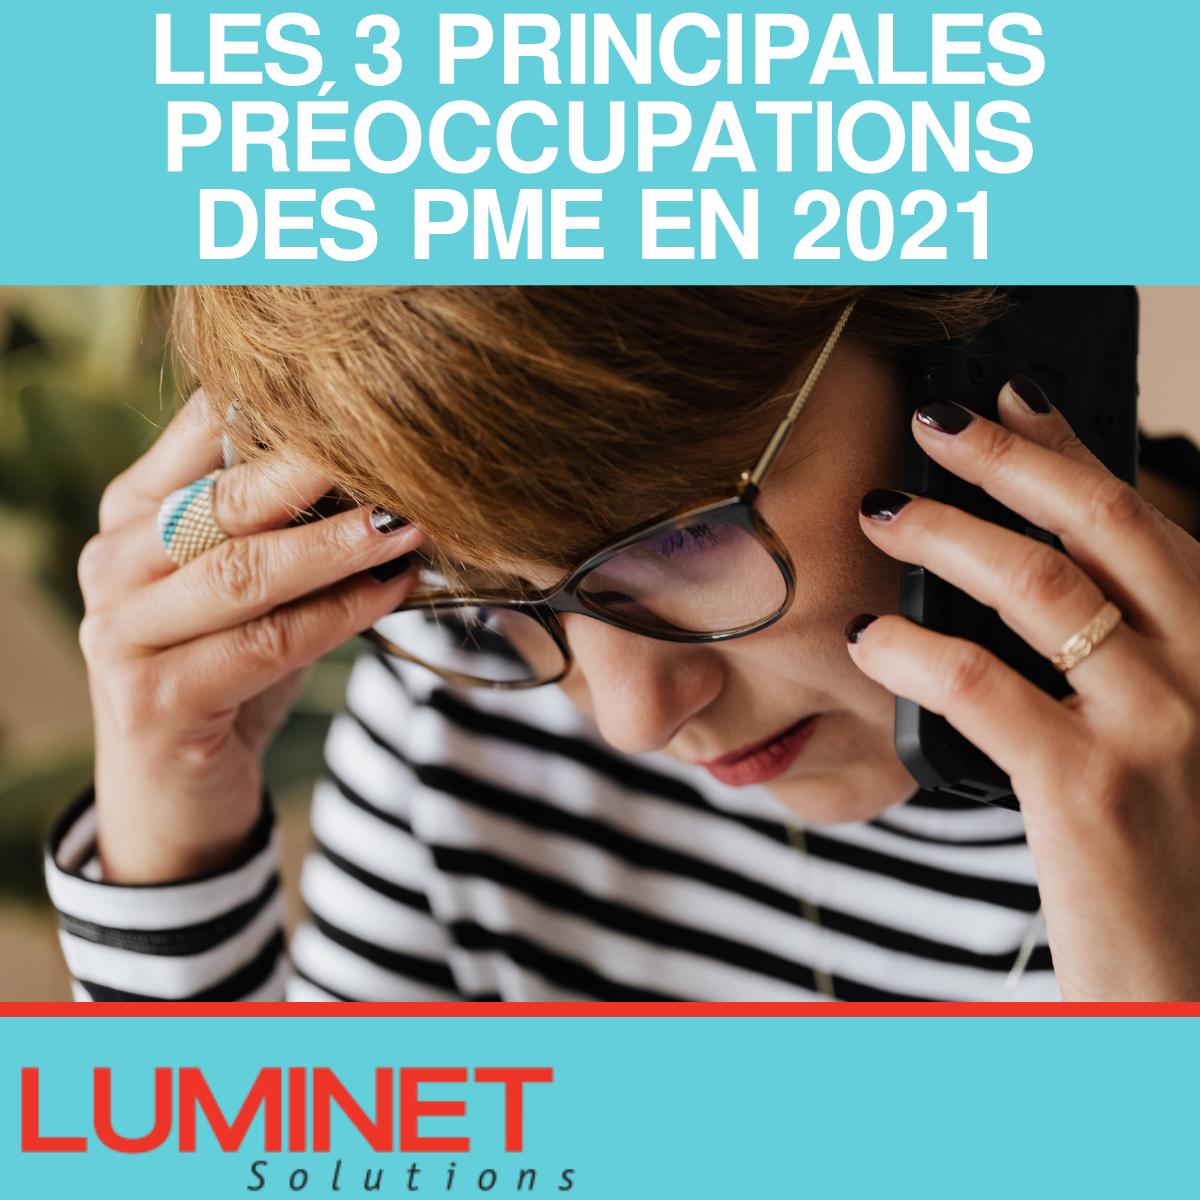 LES 3 PRINCIPALES PRÉOCCUPATIONS DES PME EN 2021